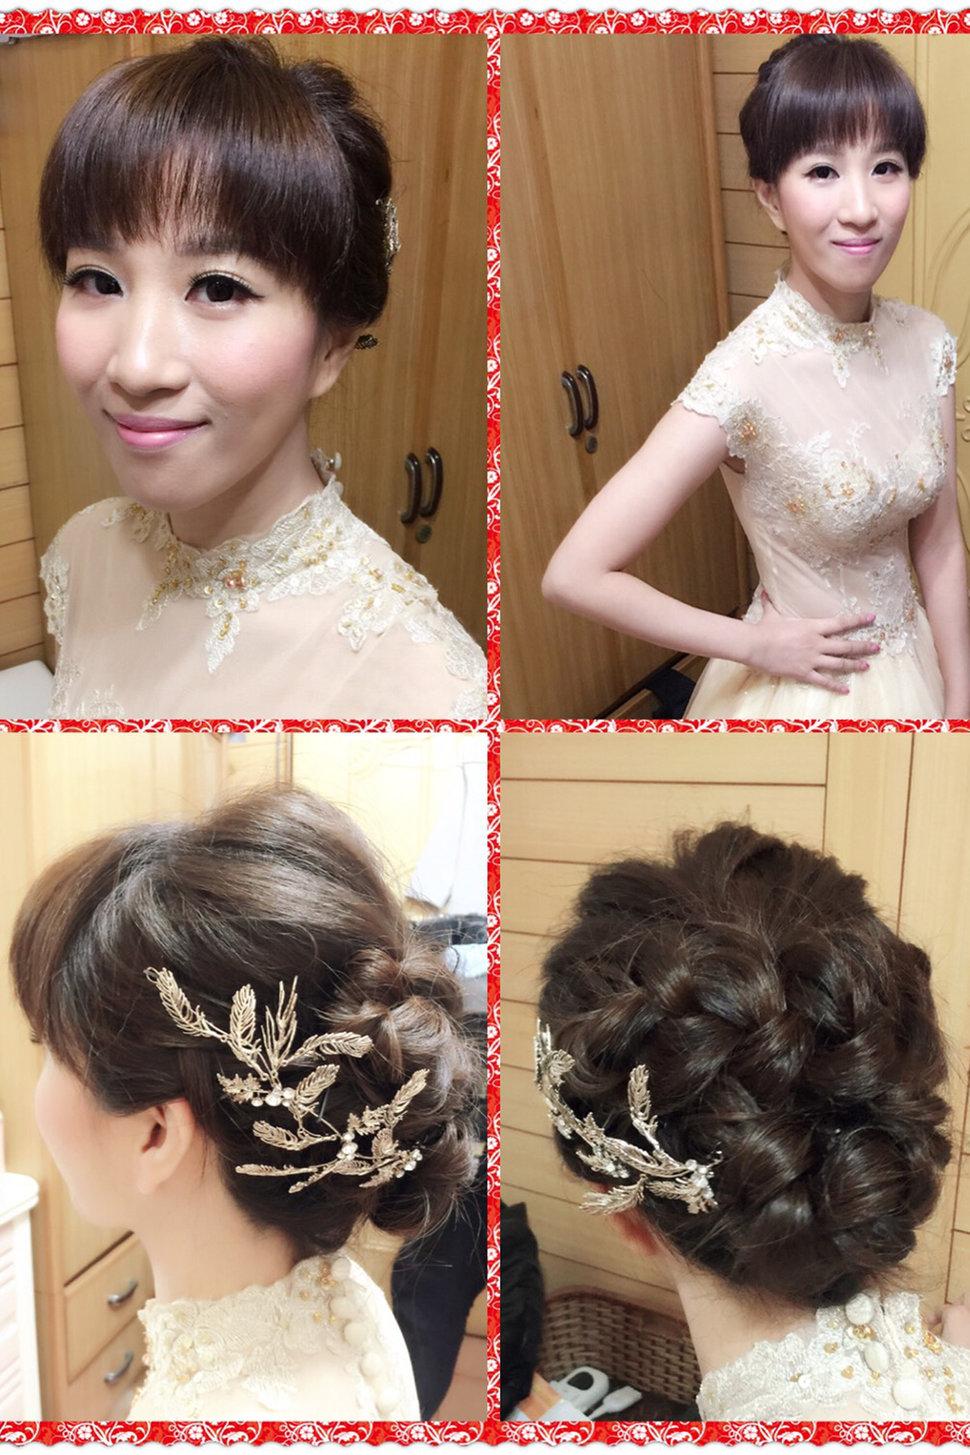 蓓麗宛婚禮事業(編號:559014) - 蓓麗宛婚禮時尚《結婚吧》